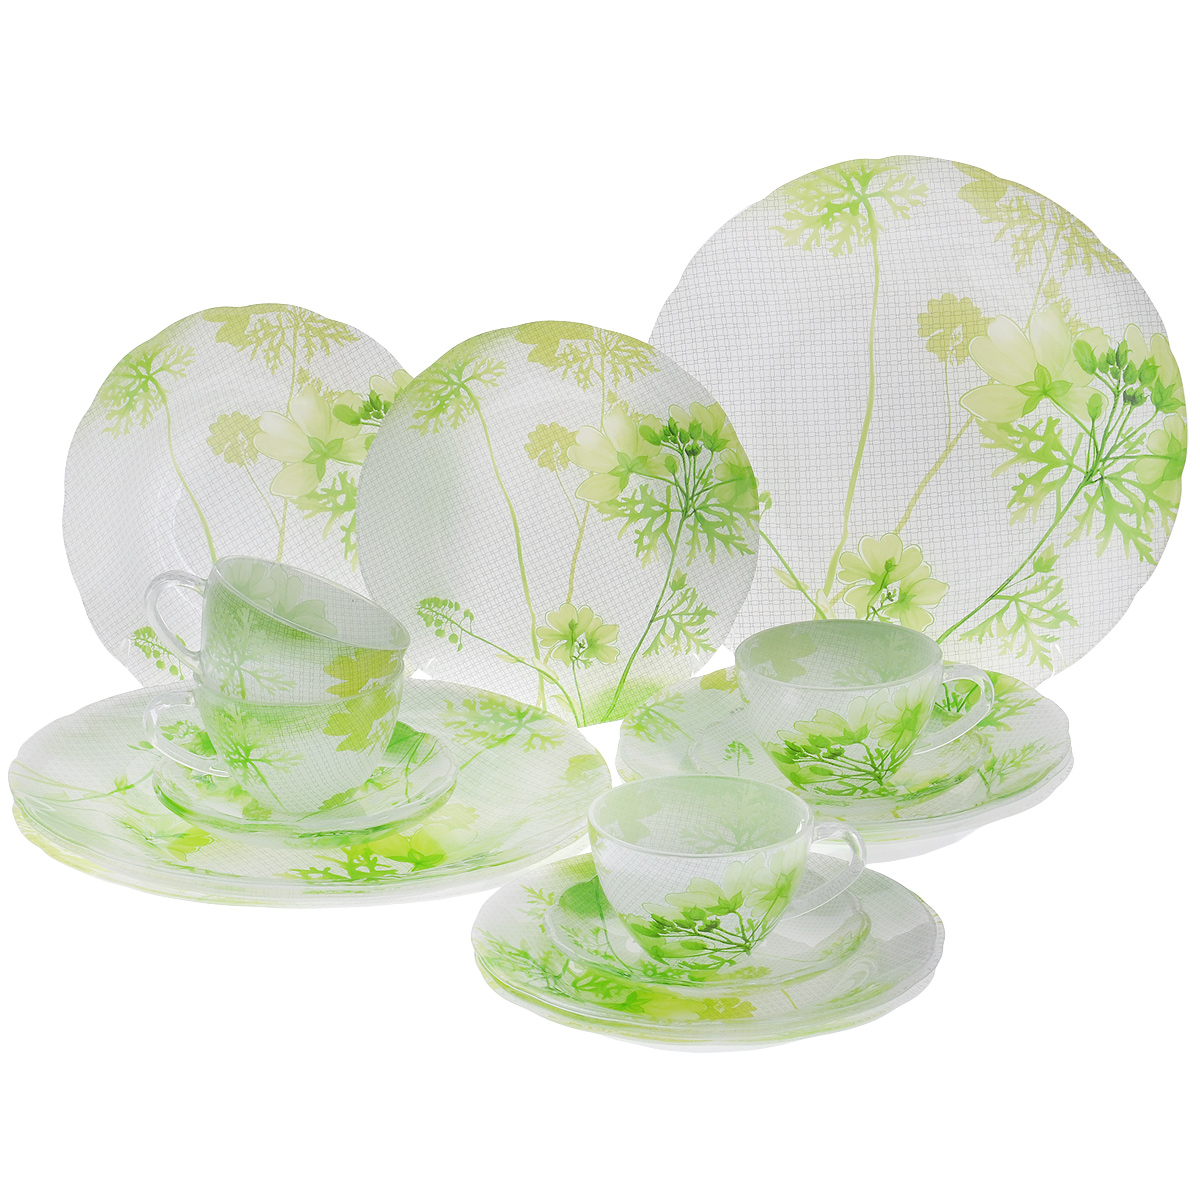 Набор посуды Яркие цветы, 20 предметов10013GНабор посуды состоит из 4 чашек, 4 блюдец, 4 тарелок для супа, 4 обеденных тарелок, 4 десертных тарелок. Изделия выполнены из высококачественного стекла и оформлены изображением цветов. Этот набор эффектно украсит стол к обеду, а также прекрасно подойдет для торжественных случаев. Красочность оформления придется по вкусу и ценителям классики, и тем, кто предпочитает утонченность и изящность.